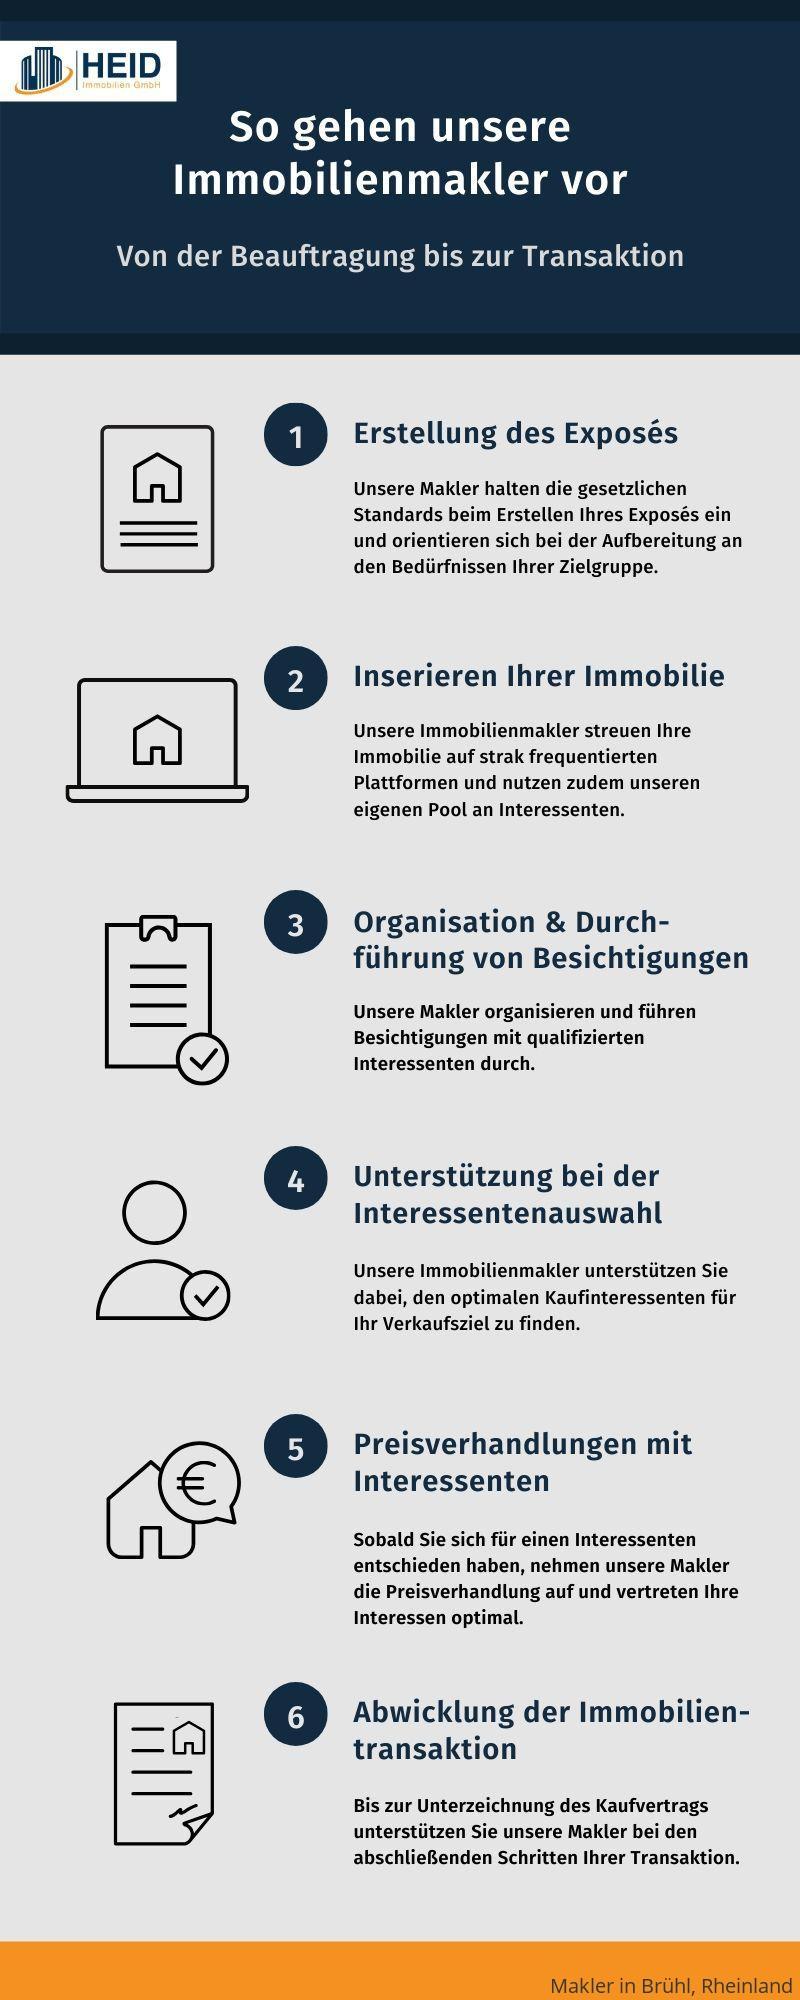 Ablauf einer Maklerbeauftragung in Brühl, Rheinland